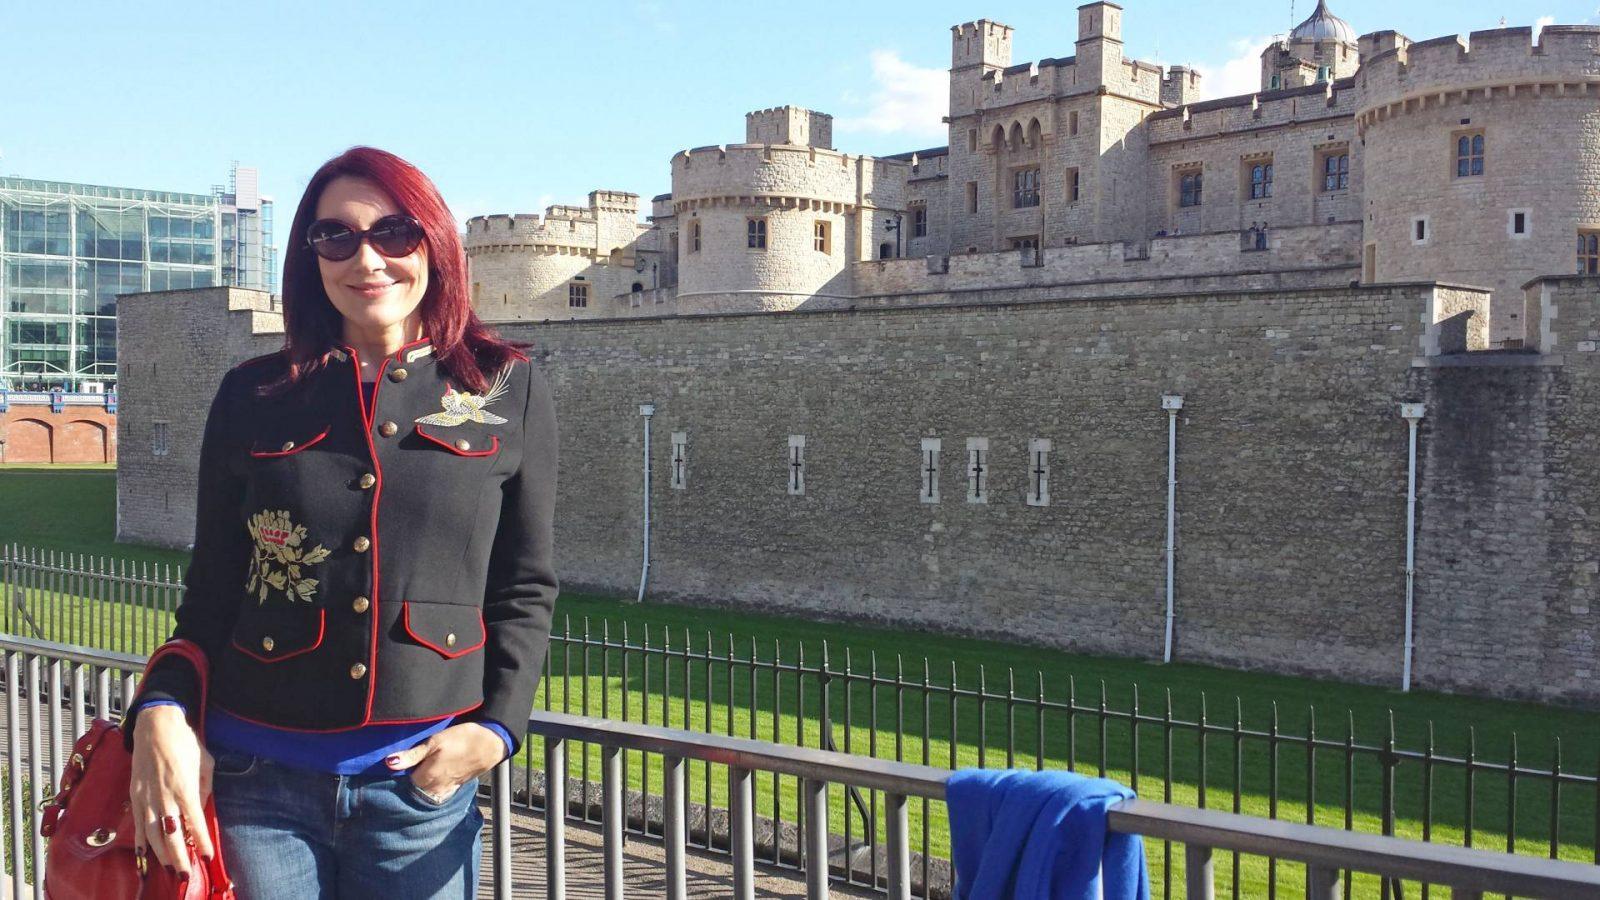 Weekend in London zara-military-jacket-tower-of-london